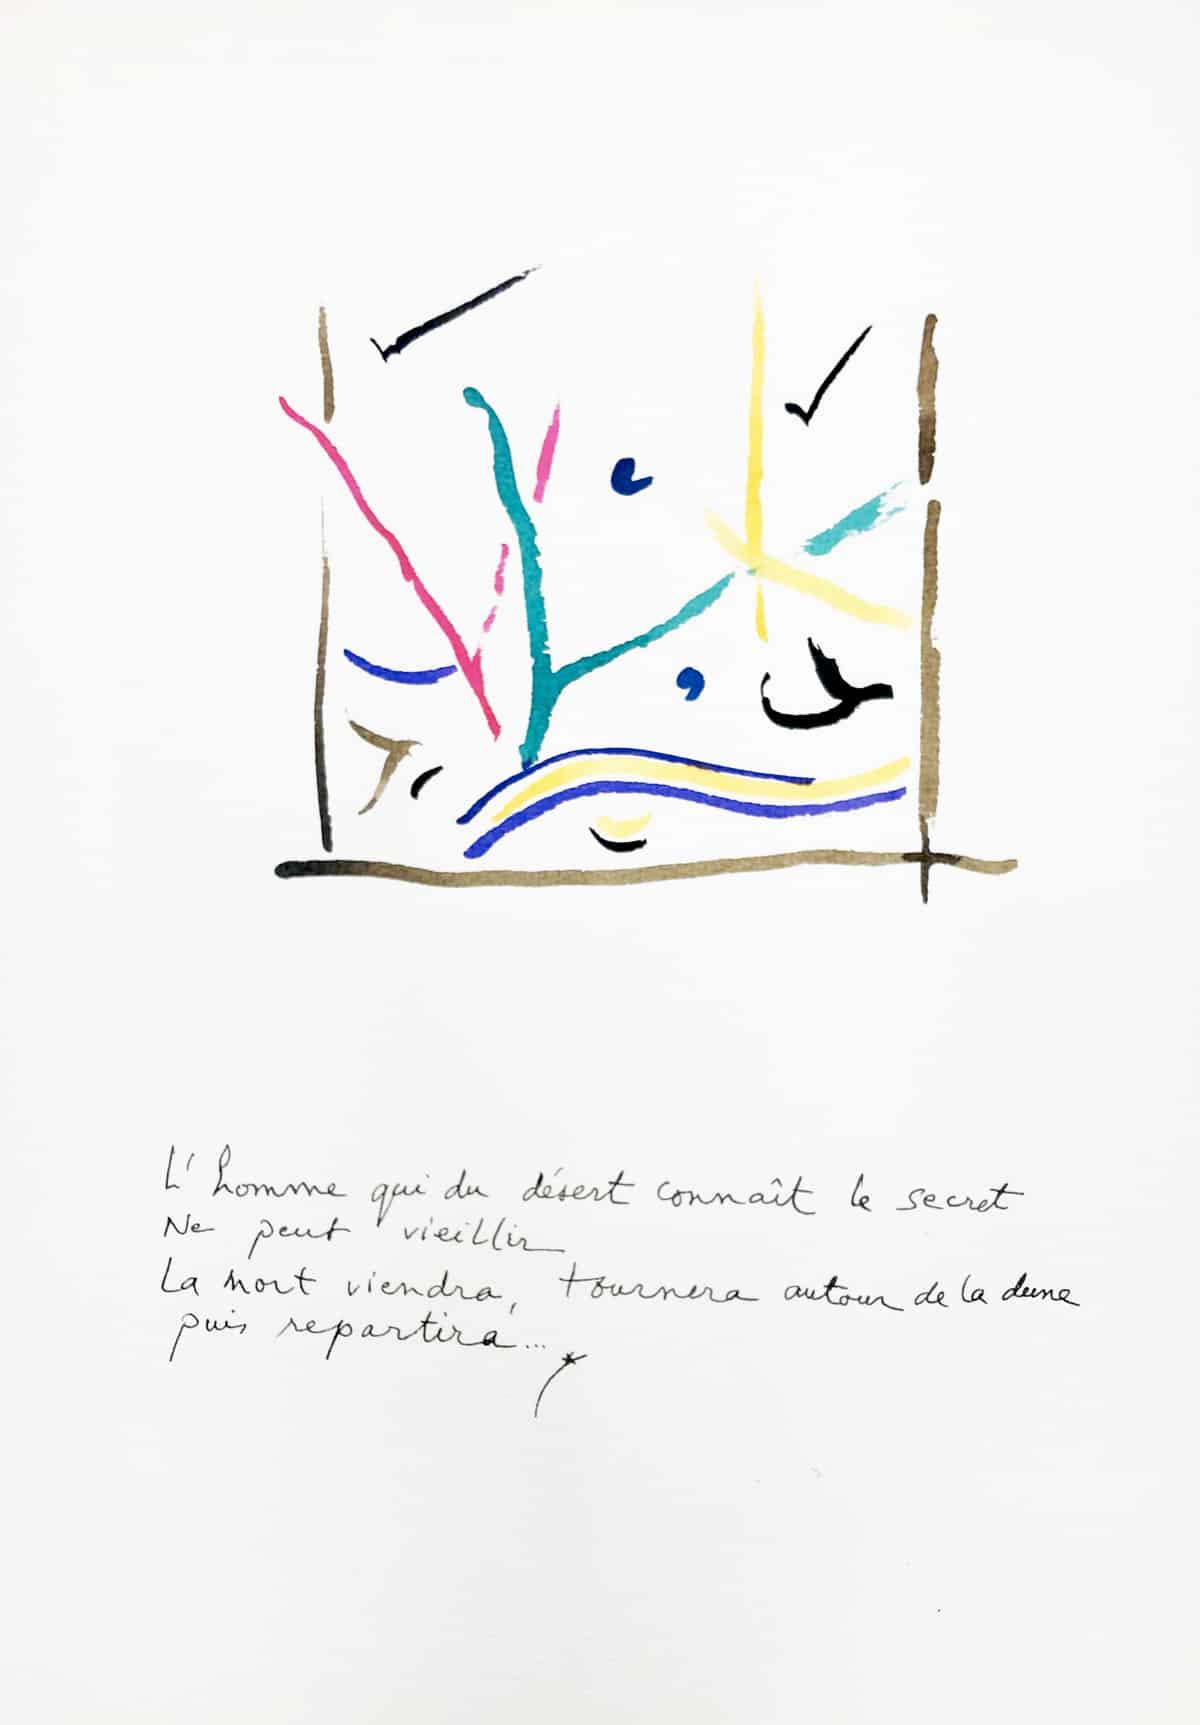 L'homme qui du désert connaît le secret, 2019 Dessin à l'encre, 35,5 x 50 cm ©Tahar Ben Jelloun